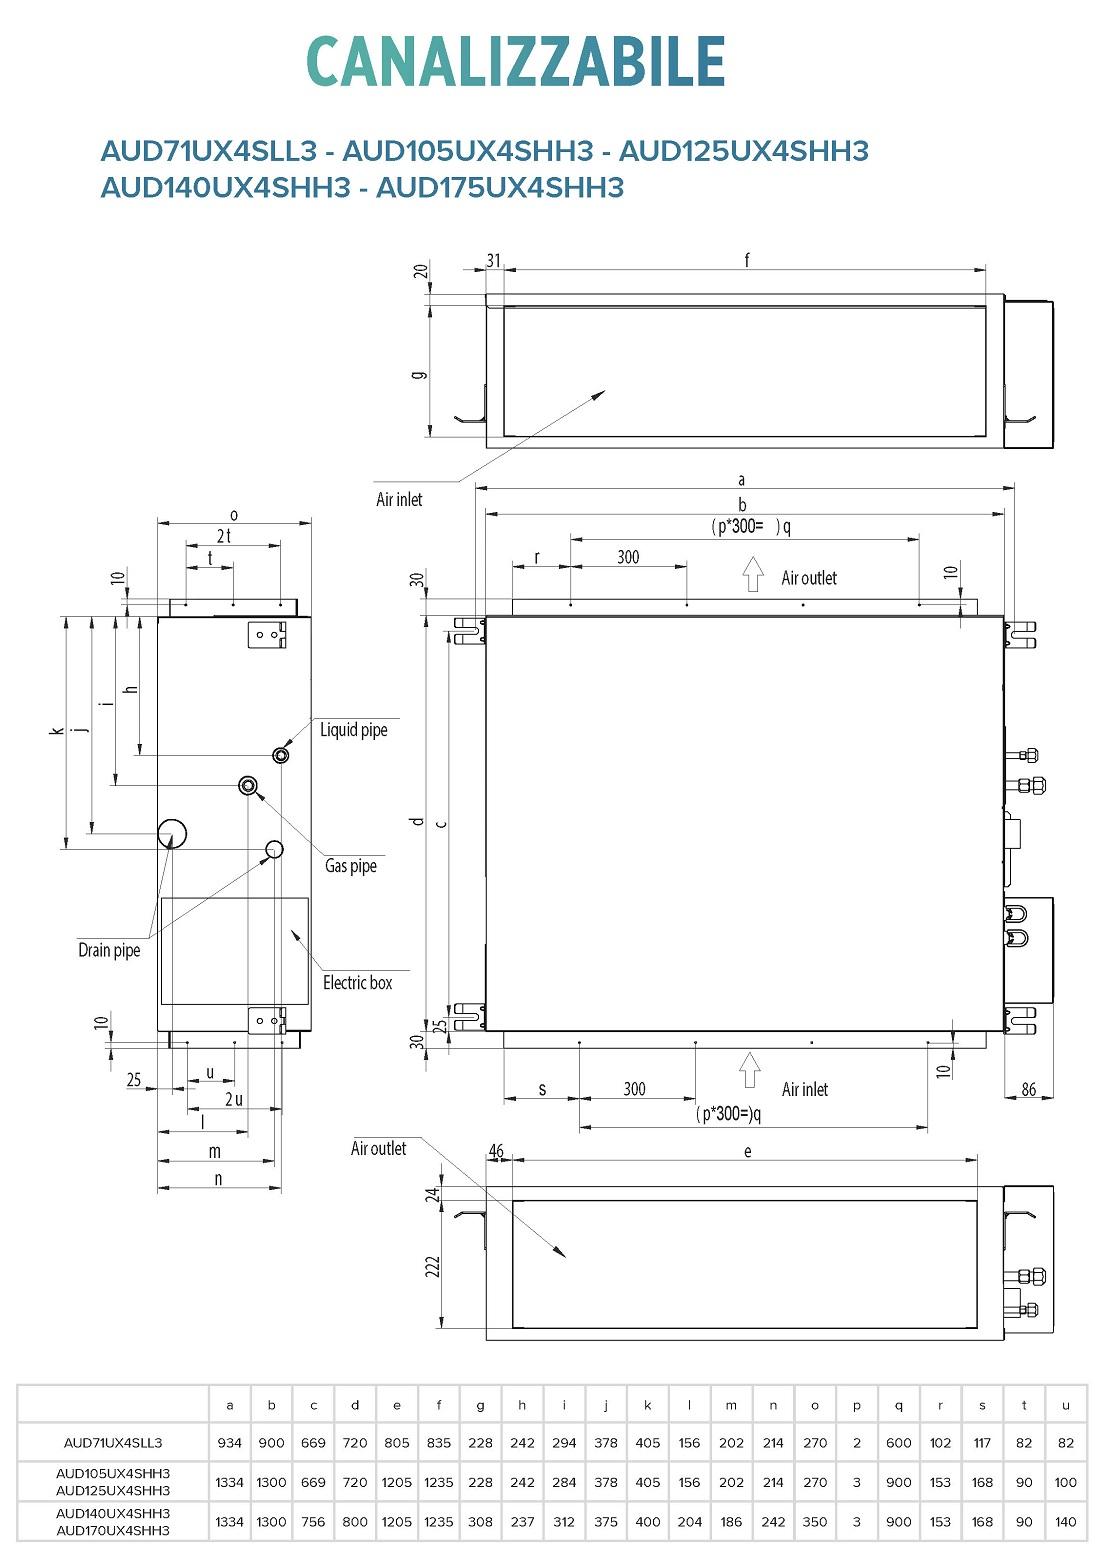 Condizionatore Hisense Commerciale 60000 Btu AUD175UX4SHH3 TRIFASE